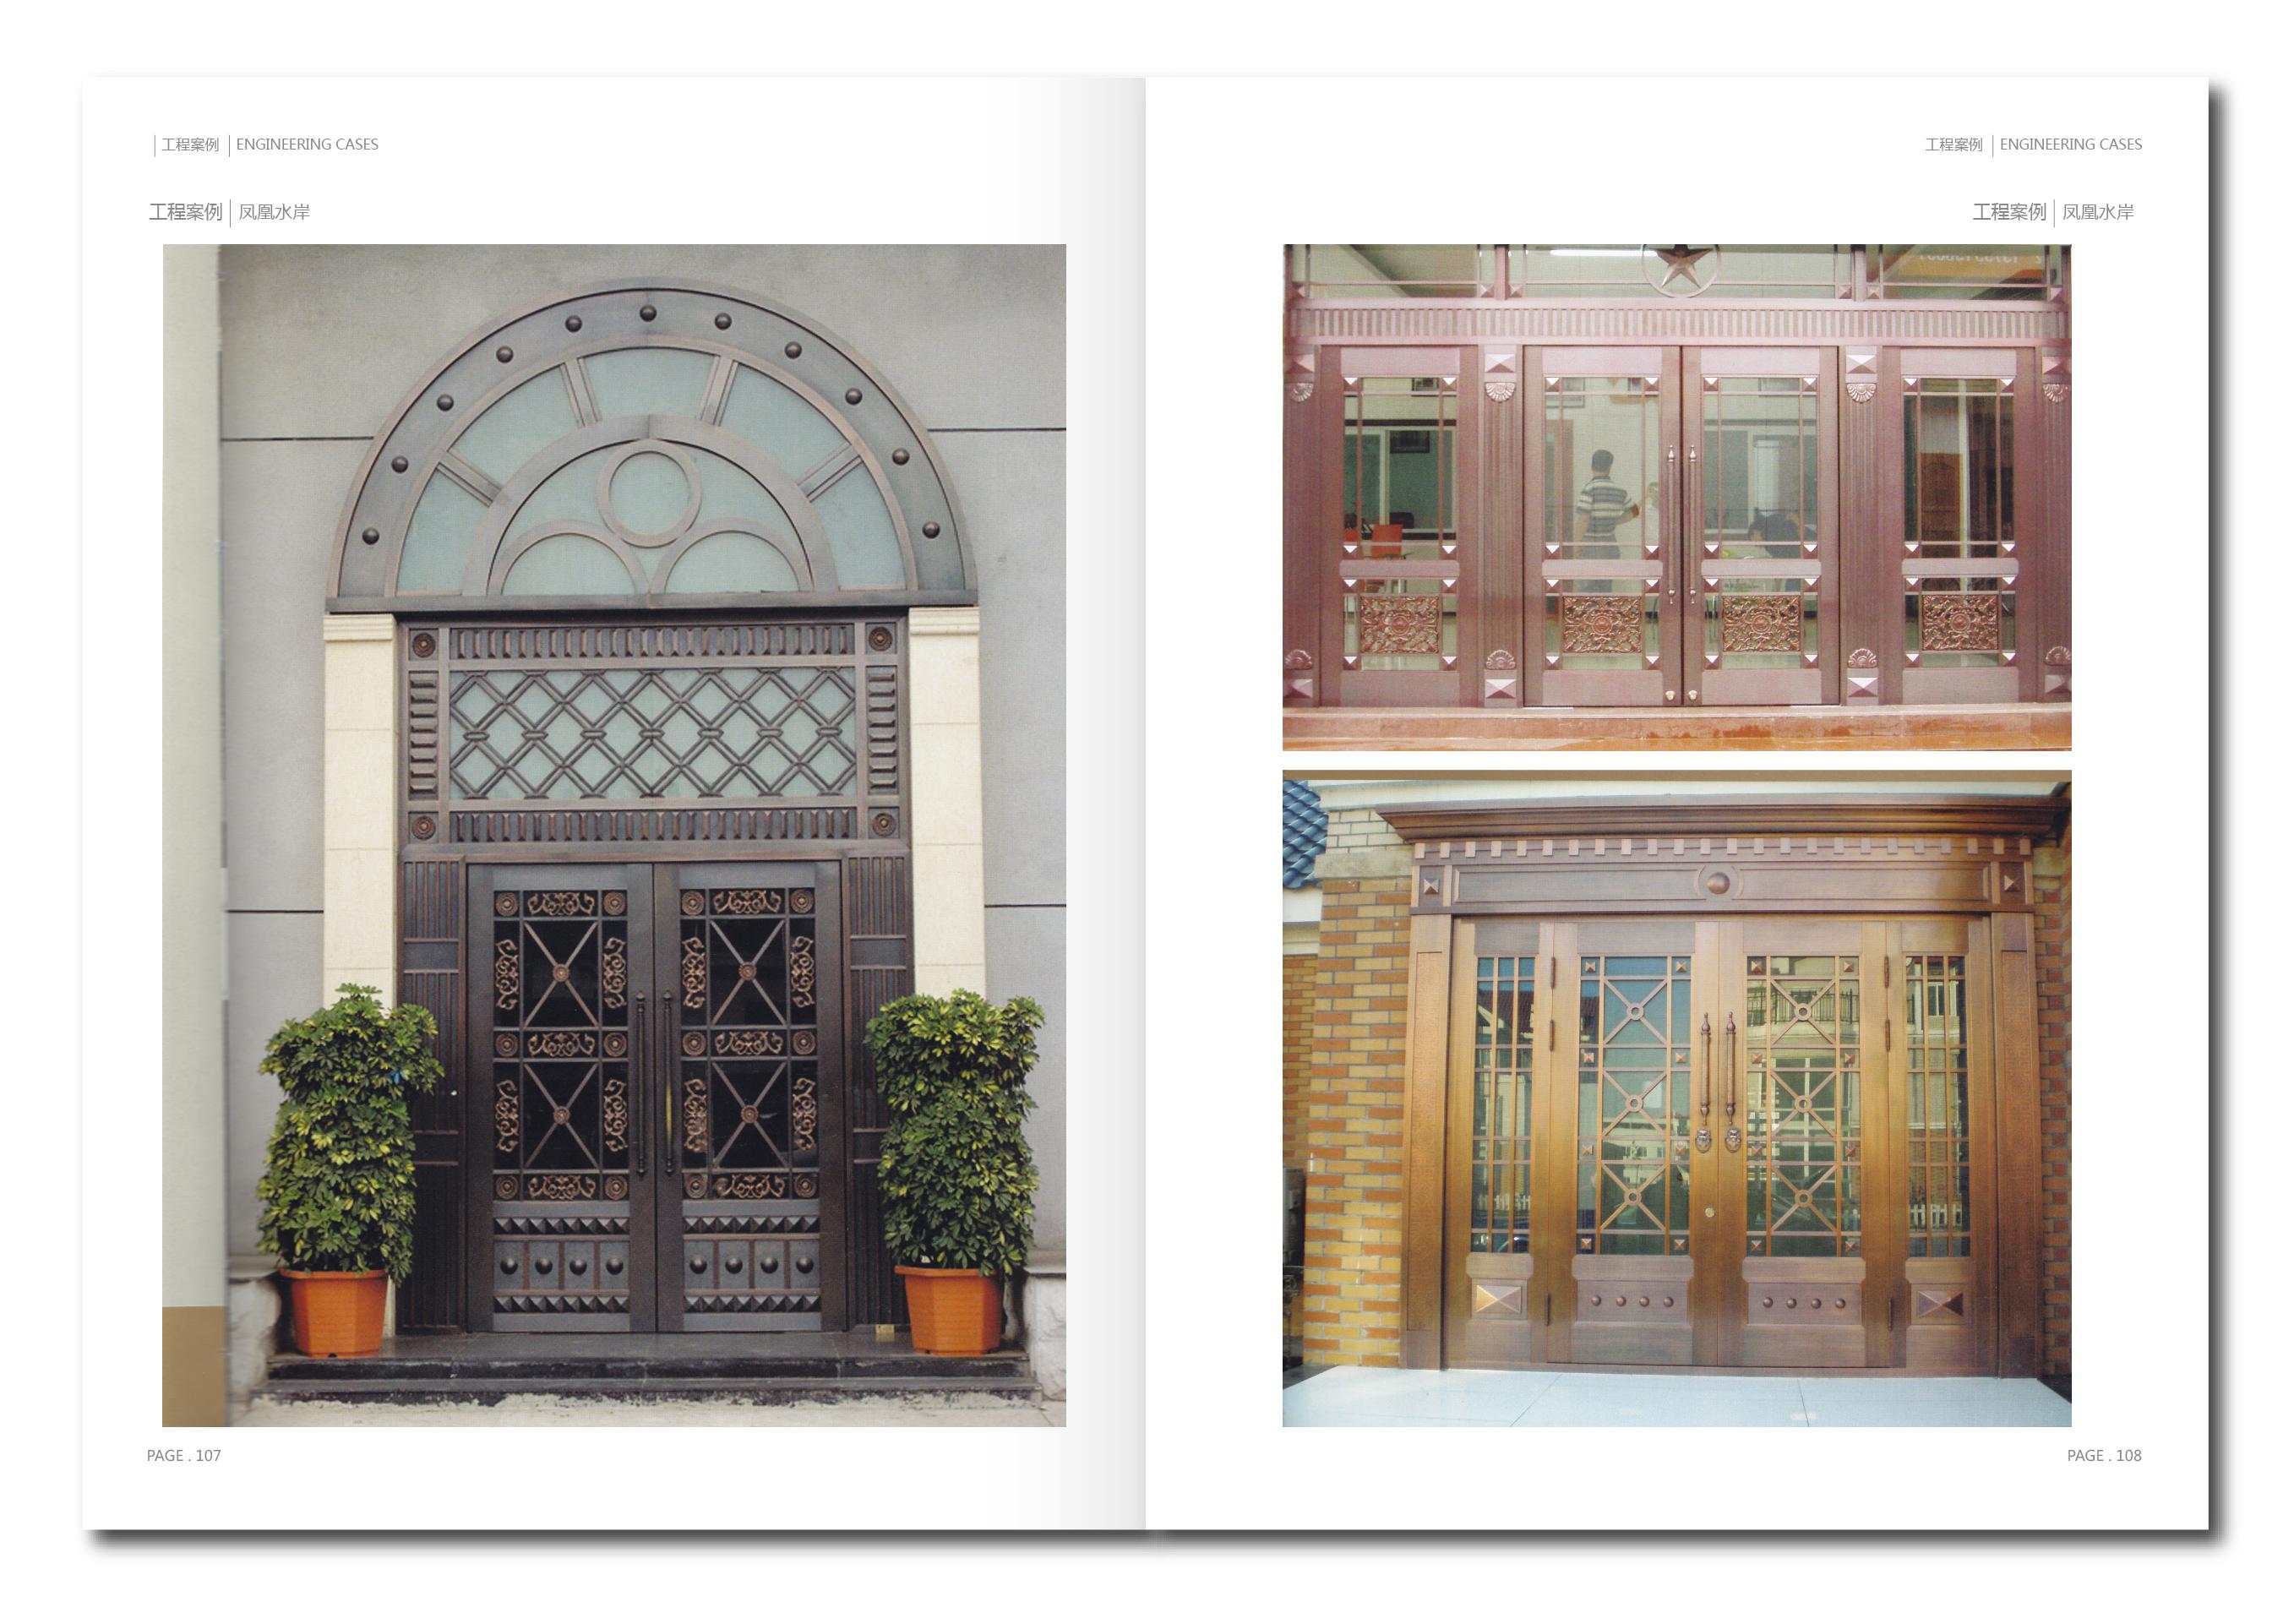 复古铜门报价 上海优质复古铜门报价 久凯供